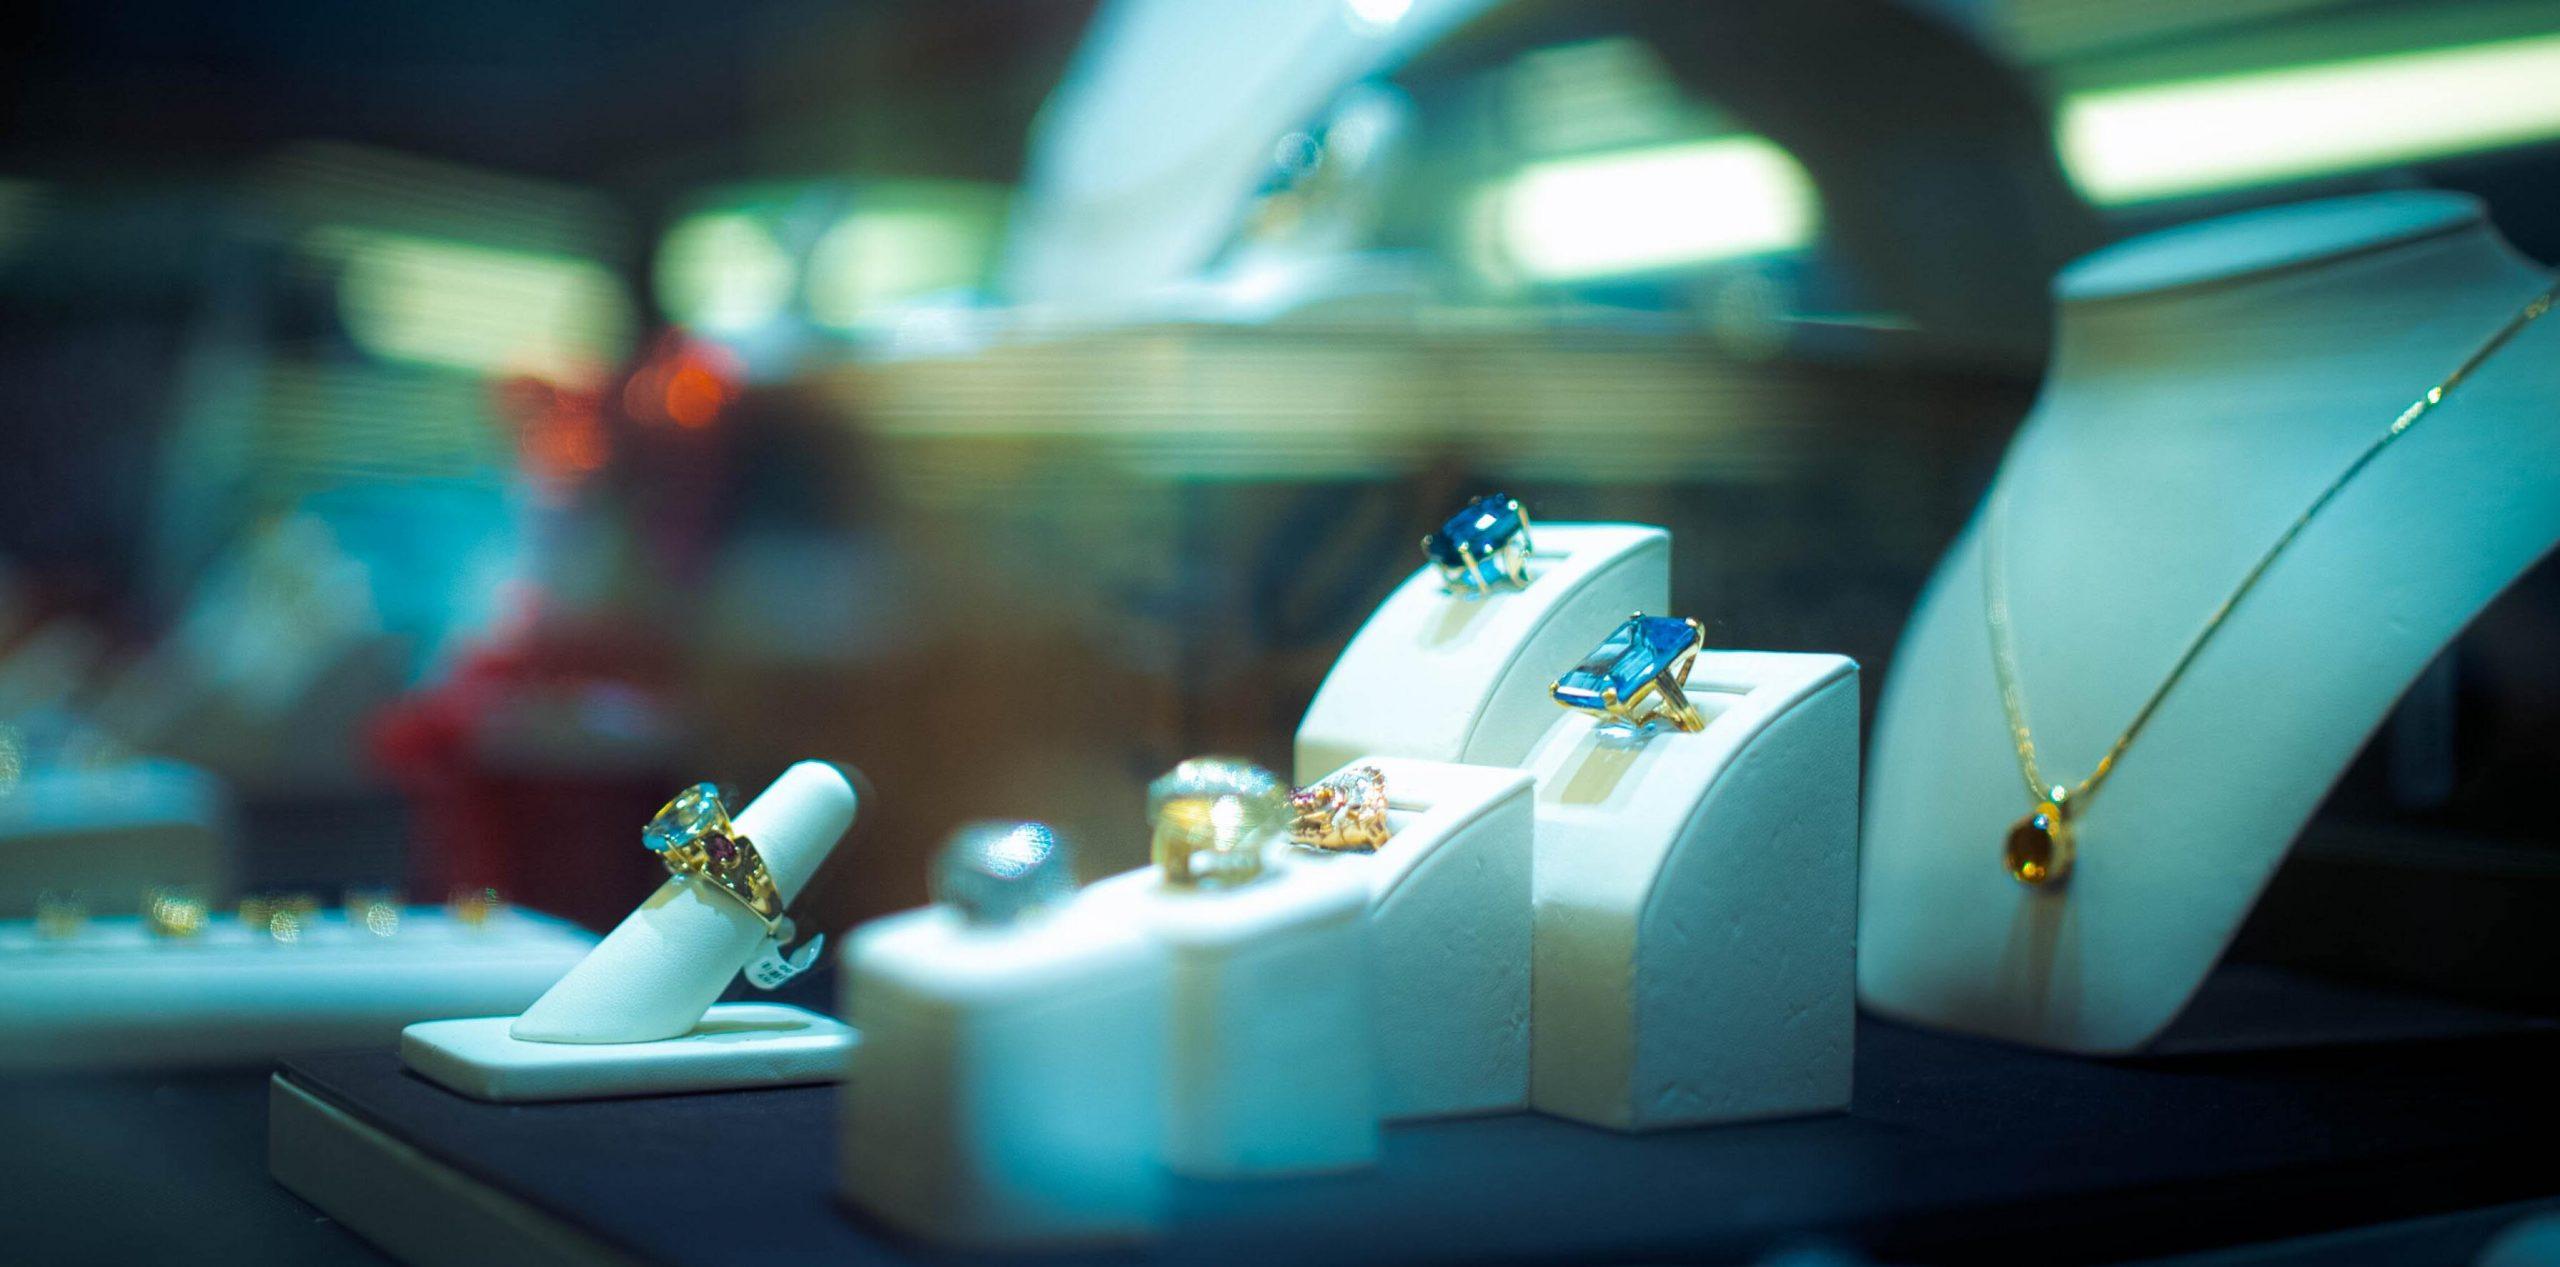 Fünf Ringe in einem Schmuckschrank ausgestellt